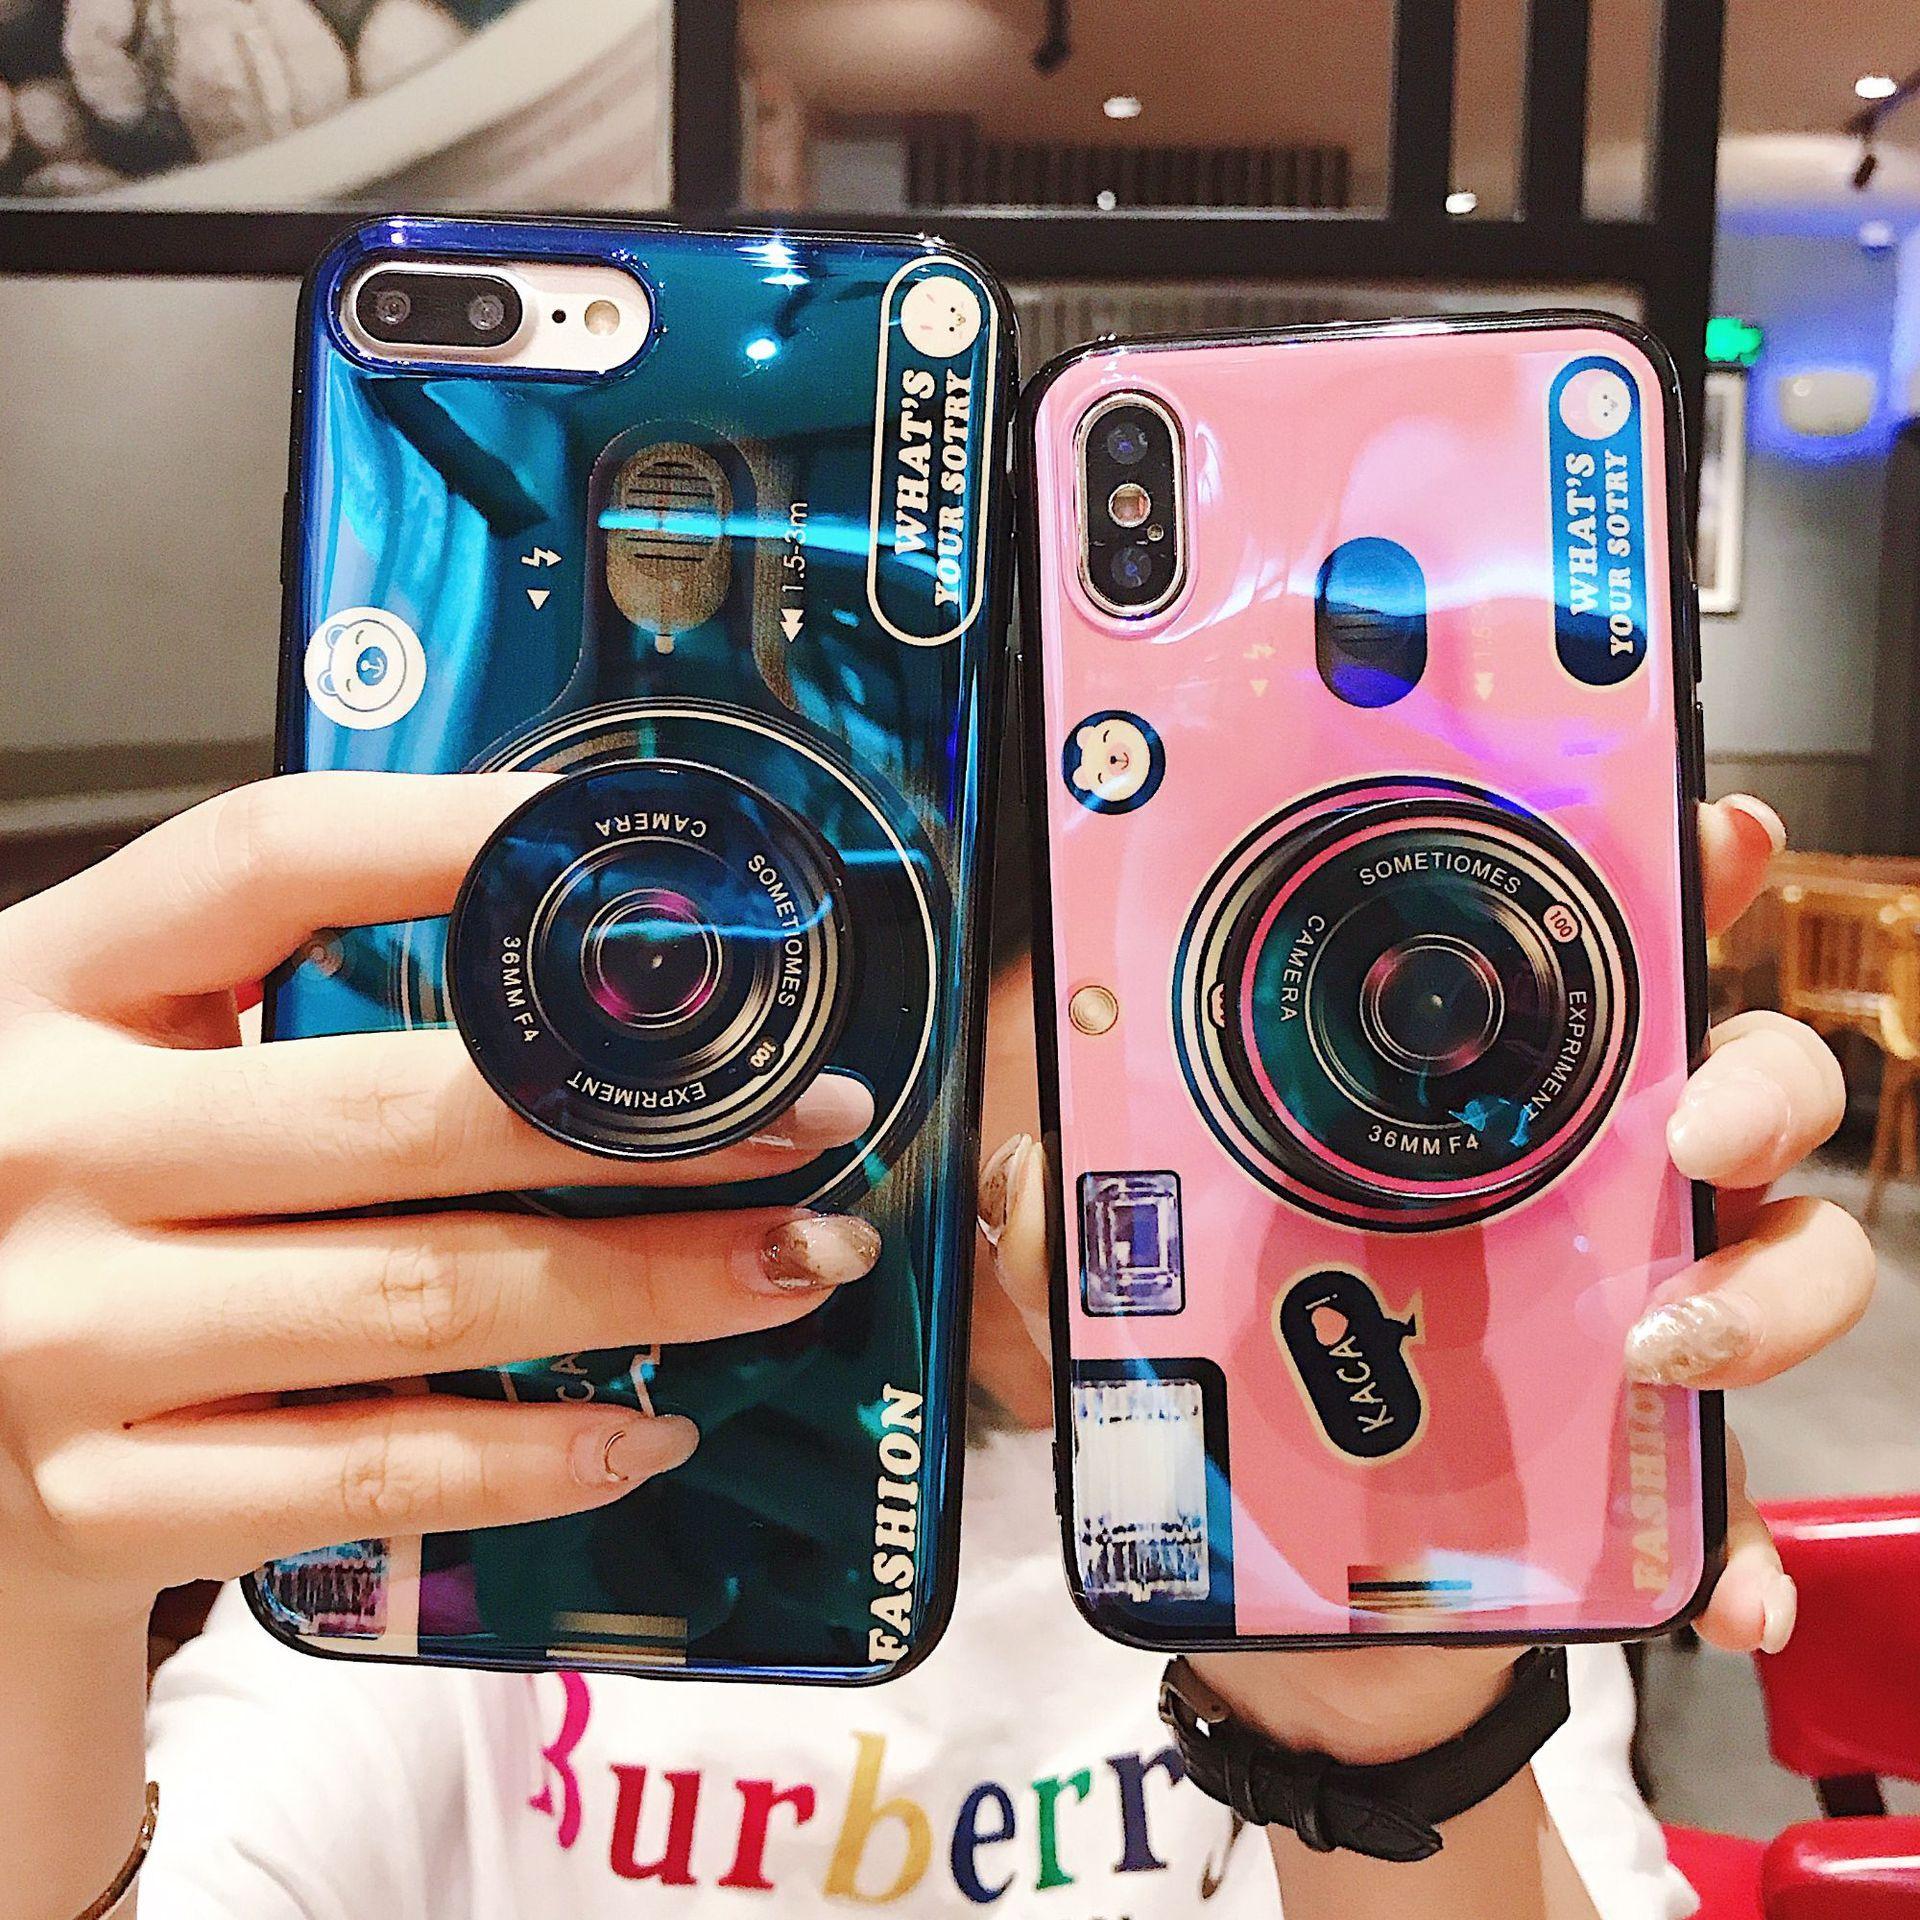 Giá Ốp lưng 3D hình máy ảnh kèm Iring dành cho điện thoại iPhone 5 /